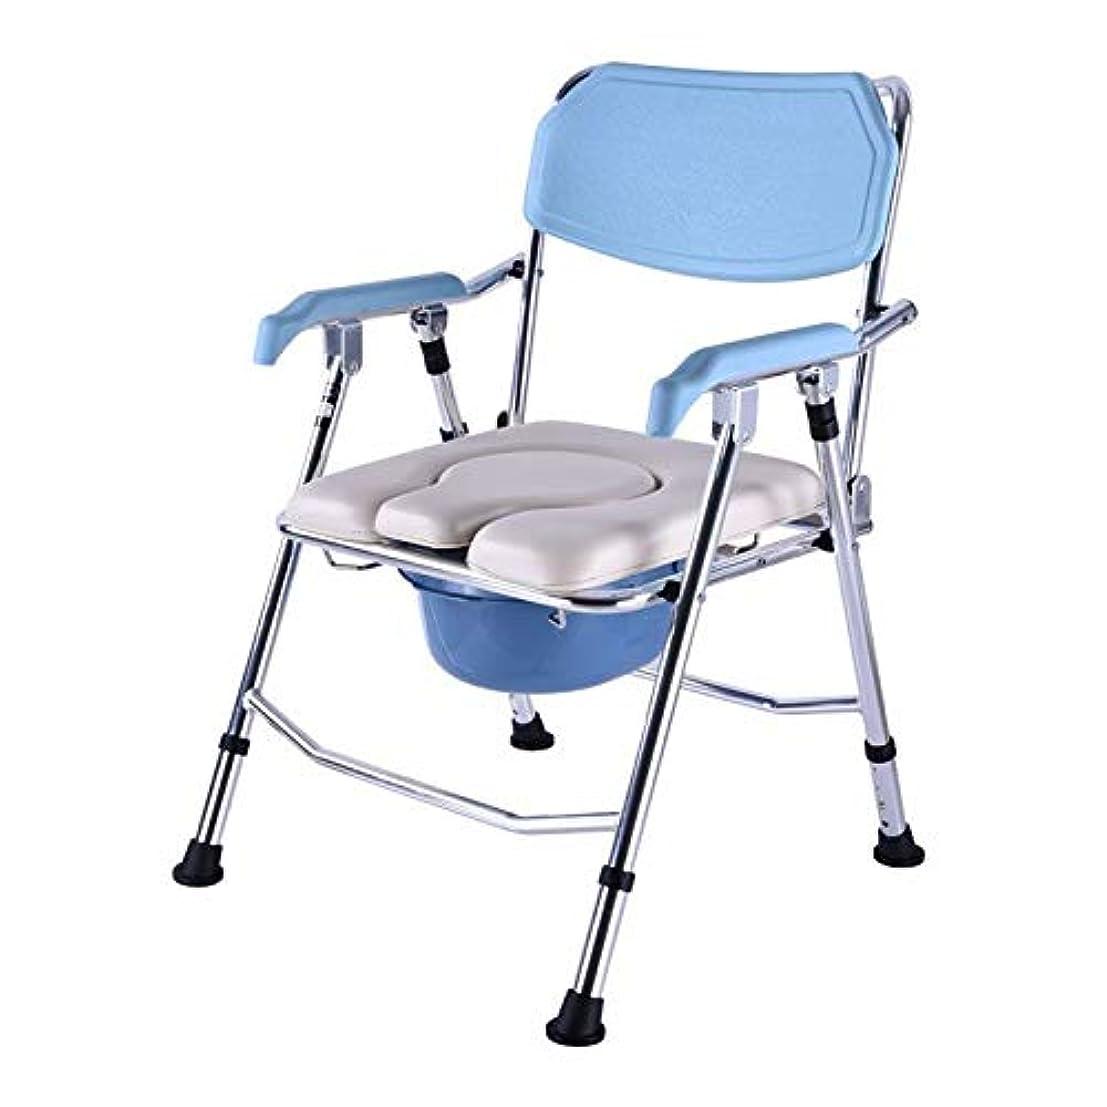 毎月ブルジョンリングバックアルミヘルスケアトイレチェア老人トイレ妊娠中の女性入浴チェア折りたたみ調節可能なトイレチェア